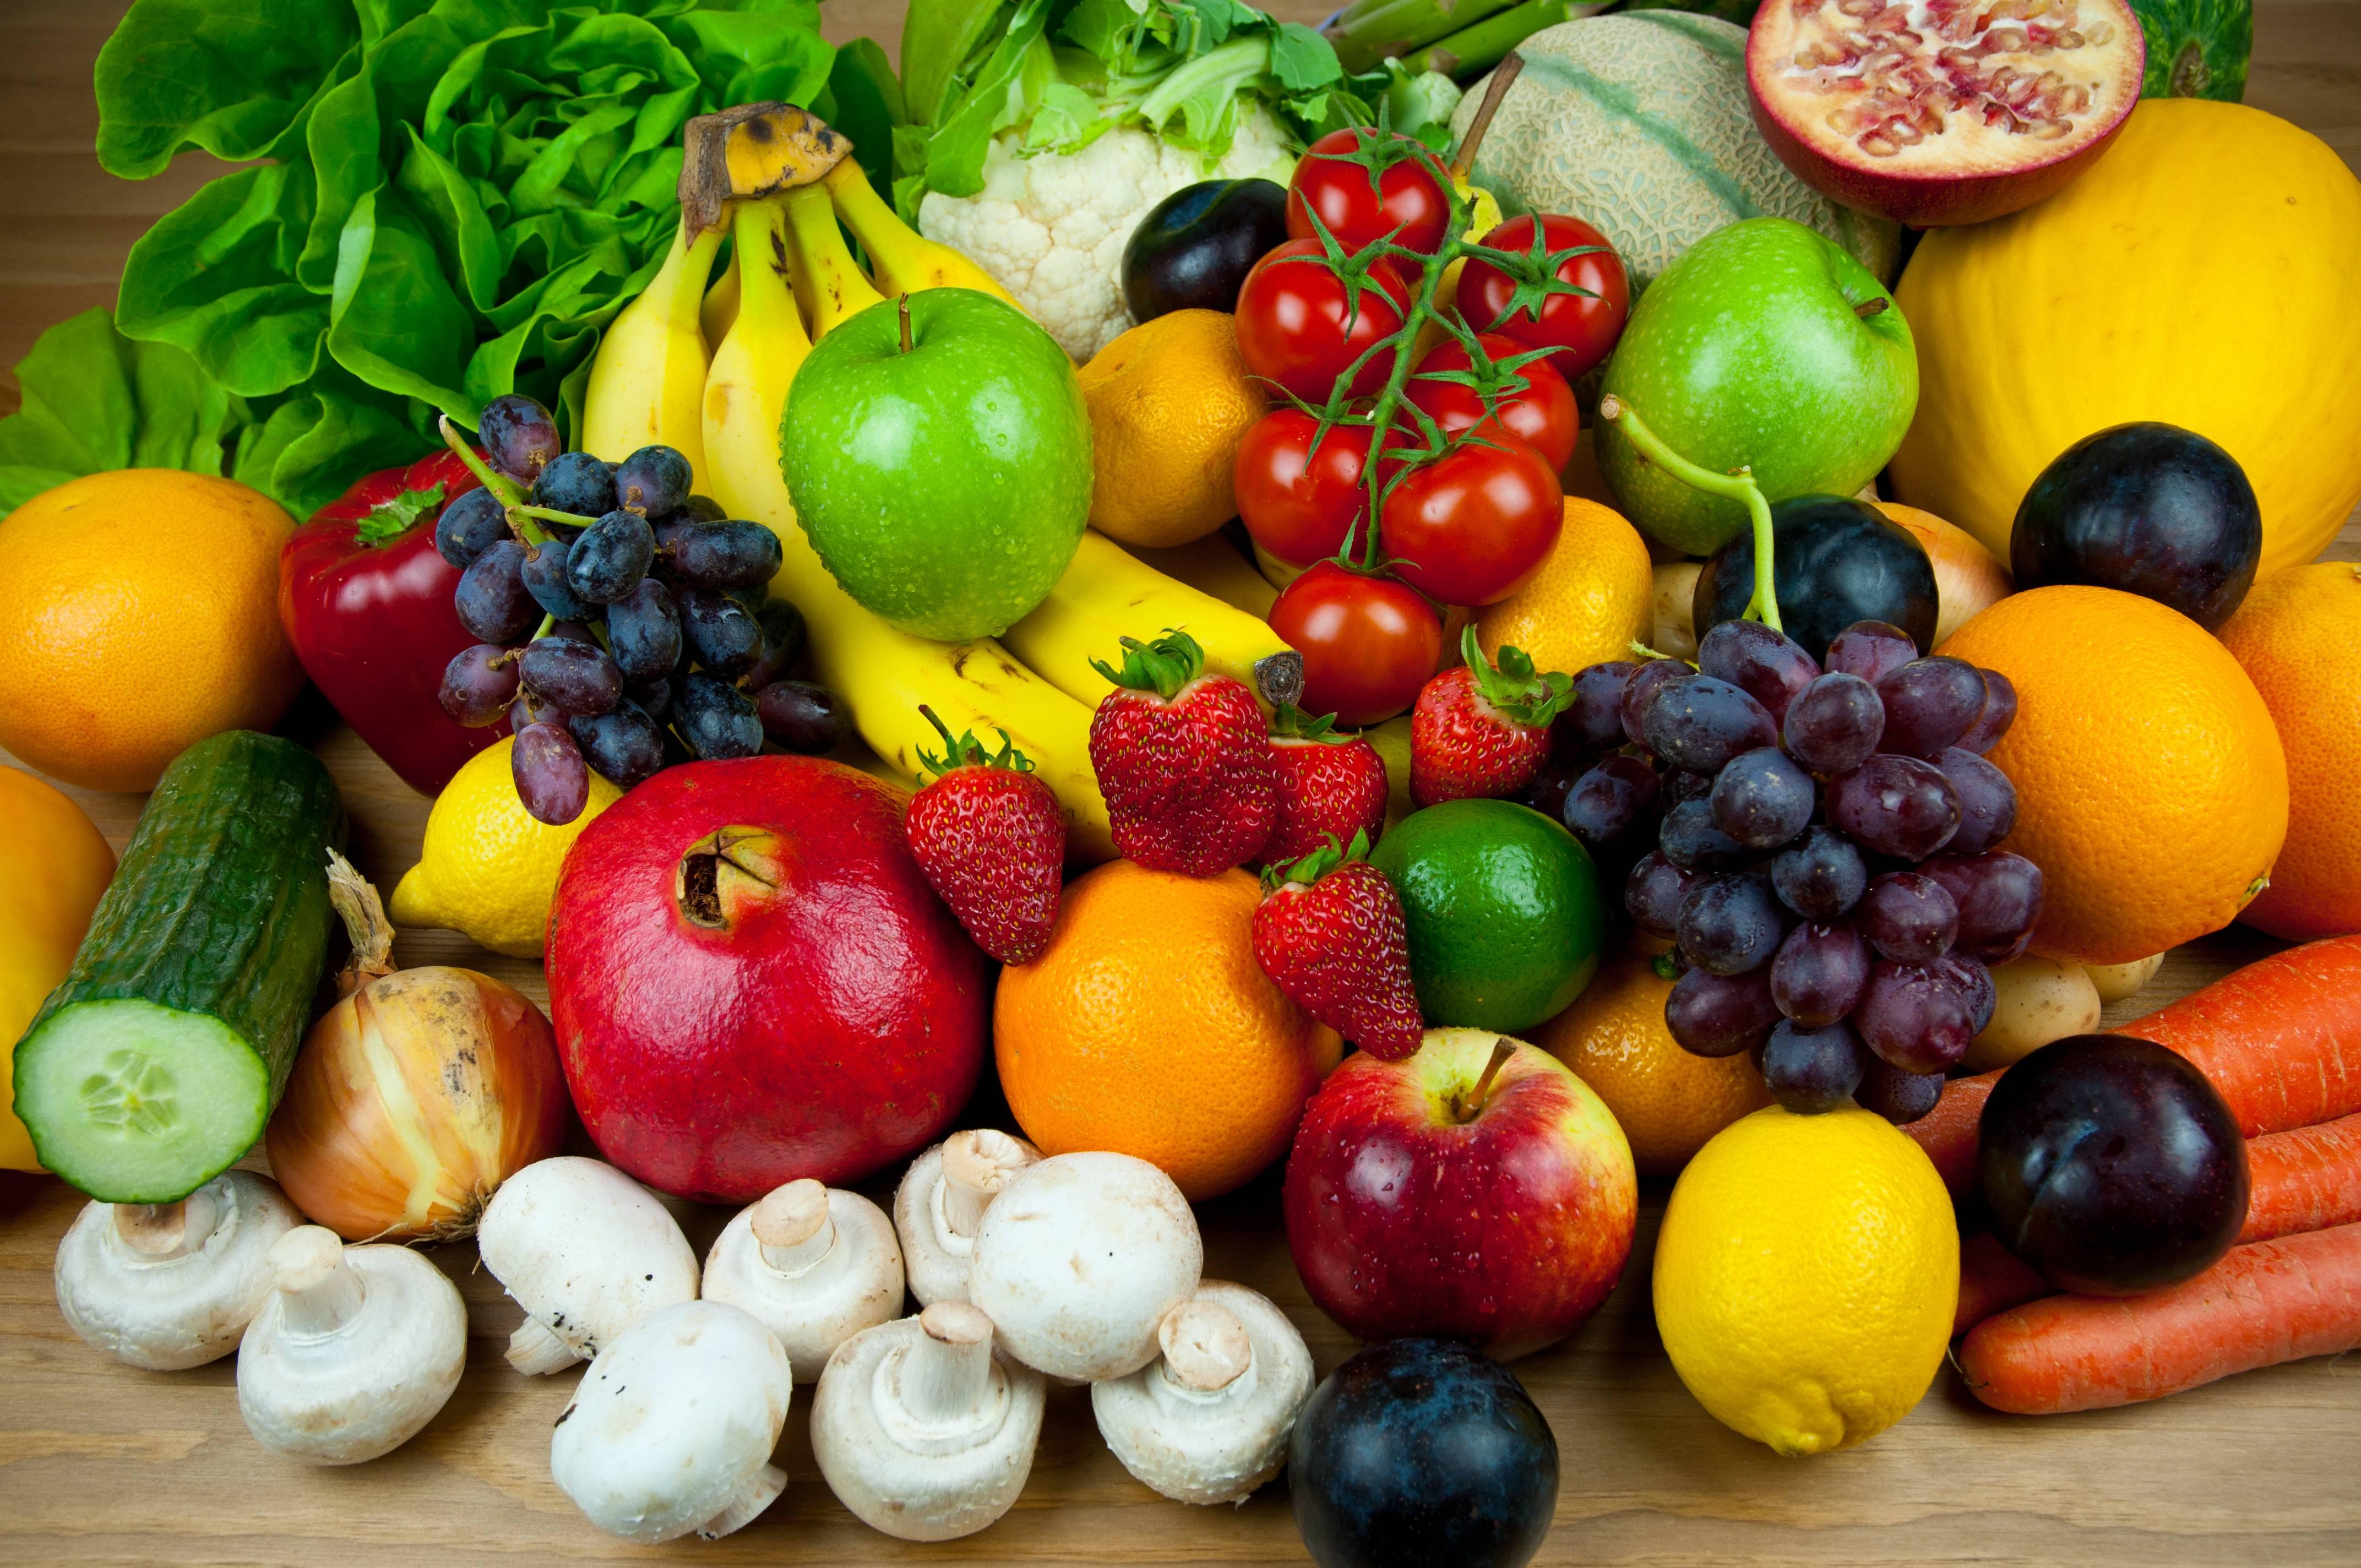 dieta di ananas e cetriolo per perdere peso